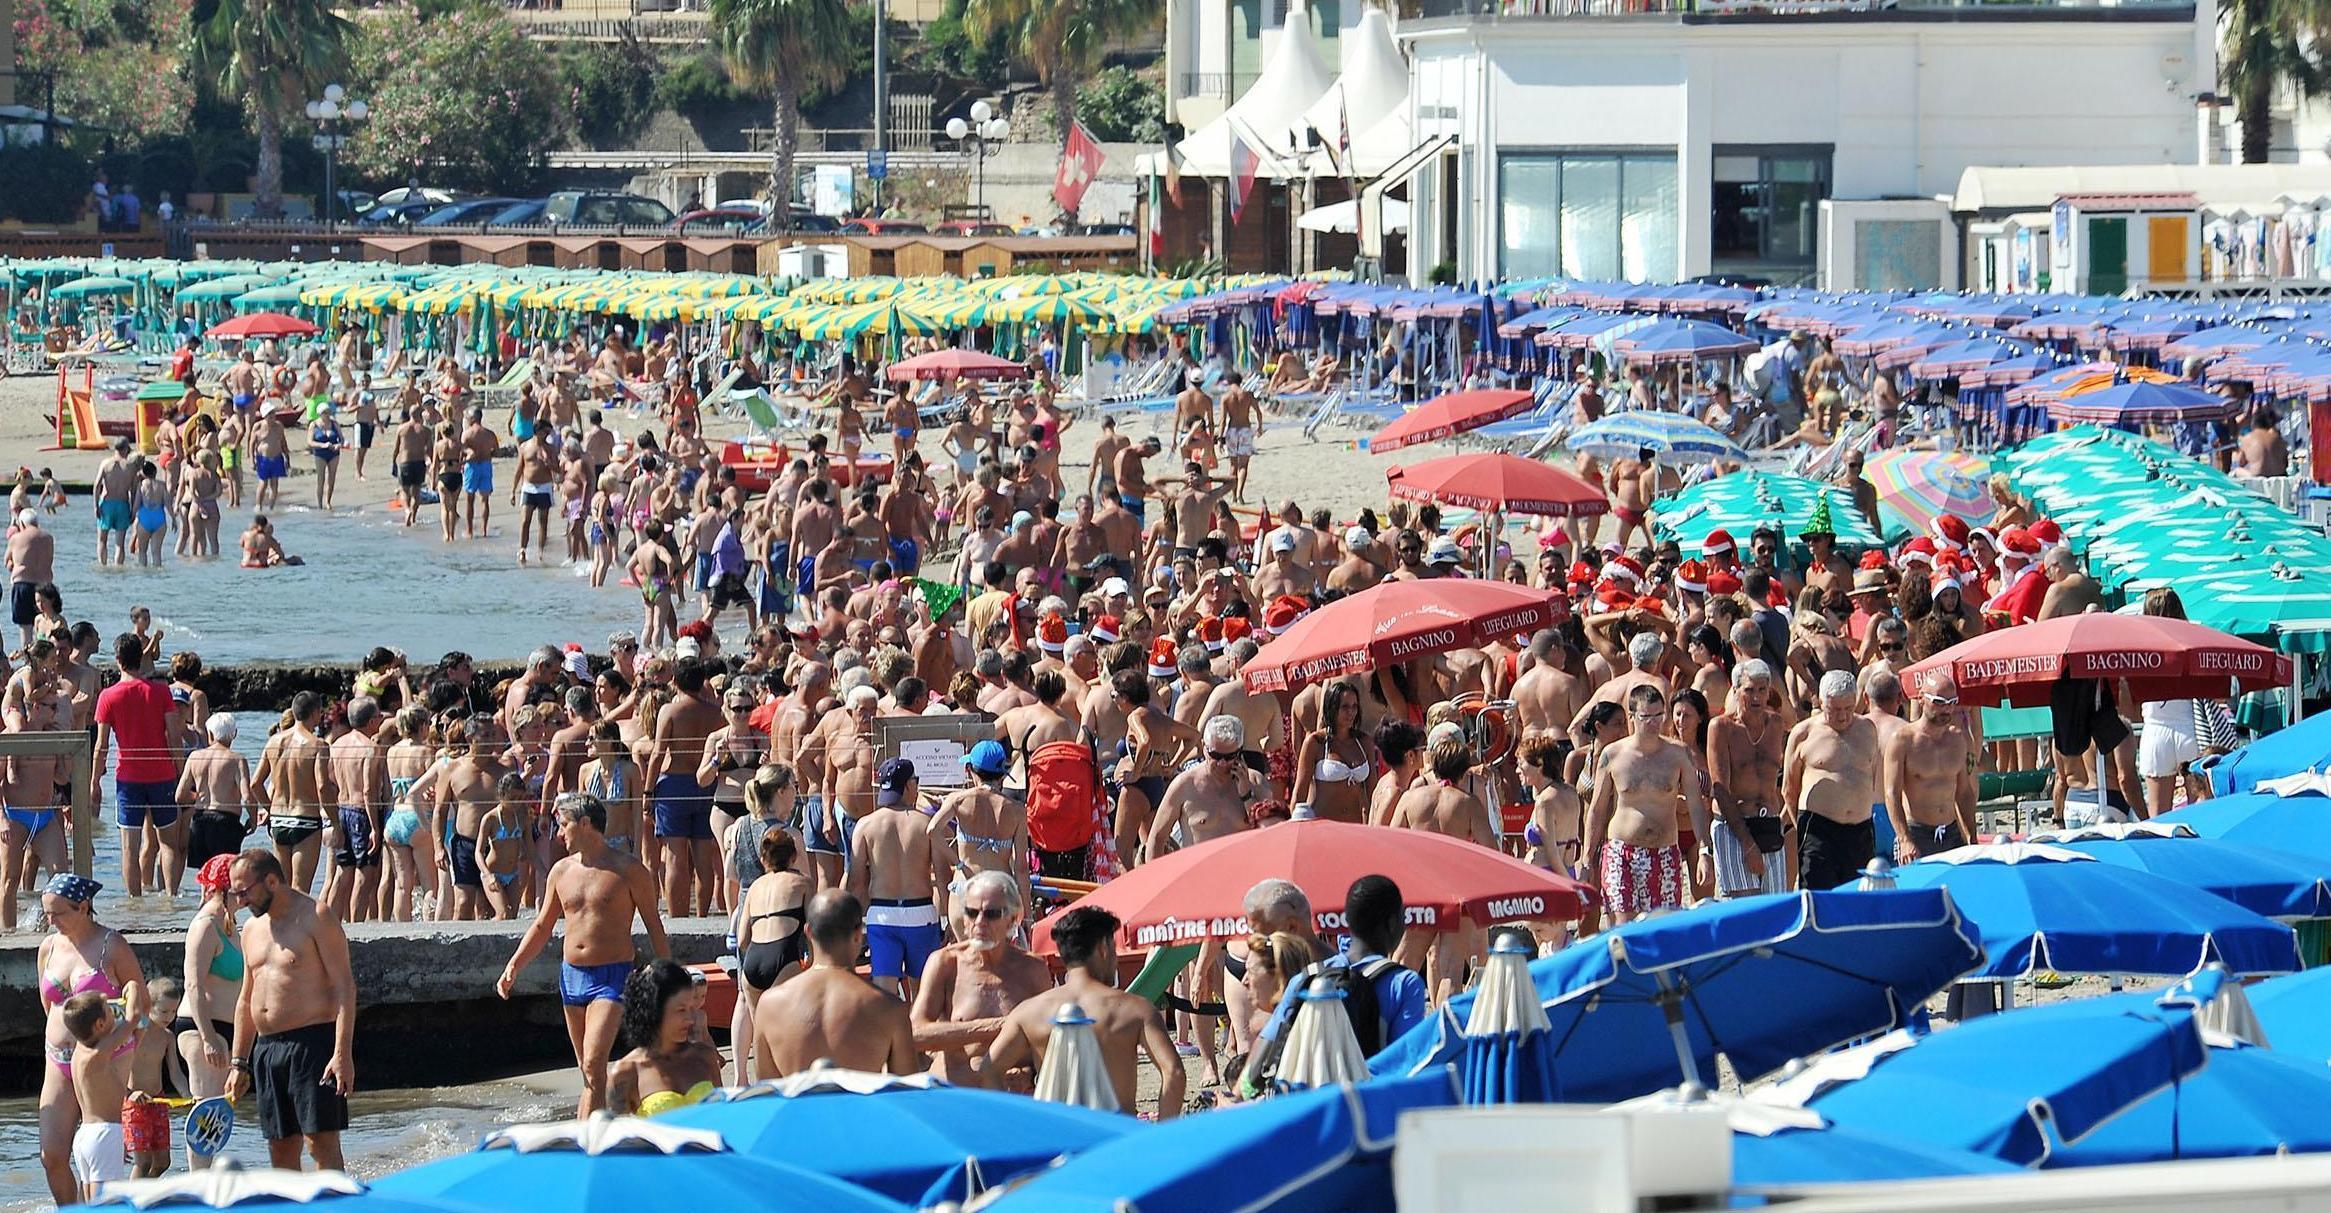 Turismo in crescita in Sicilia: in un anno un milione di presenze in più